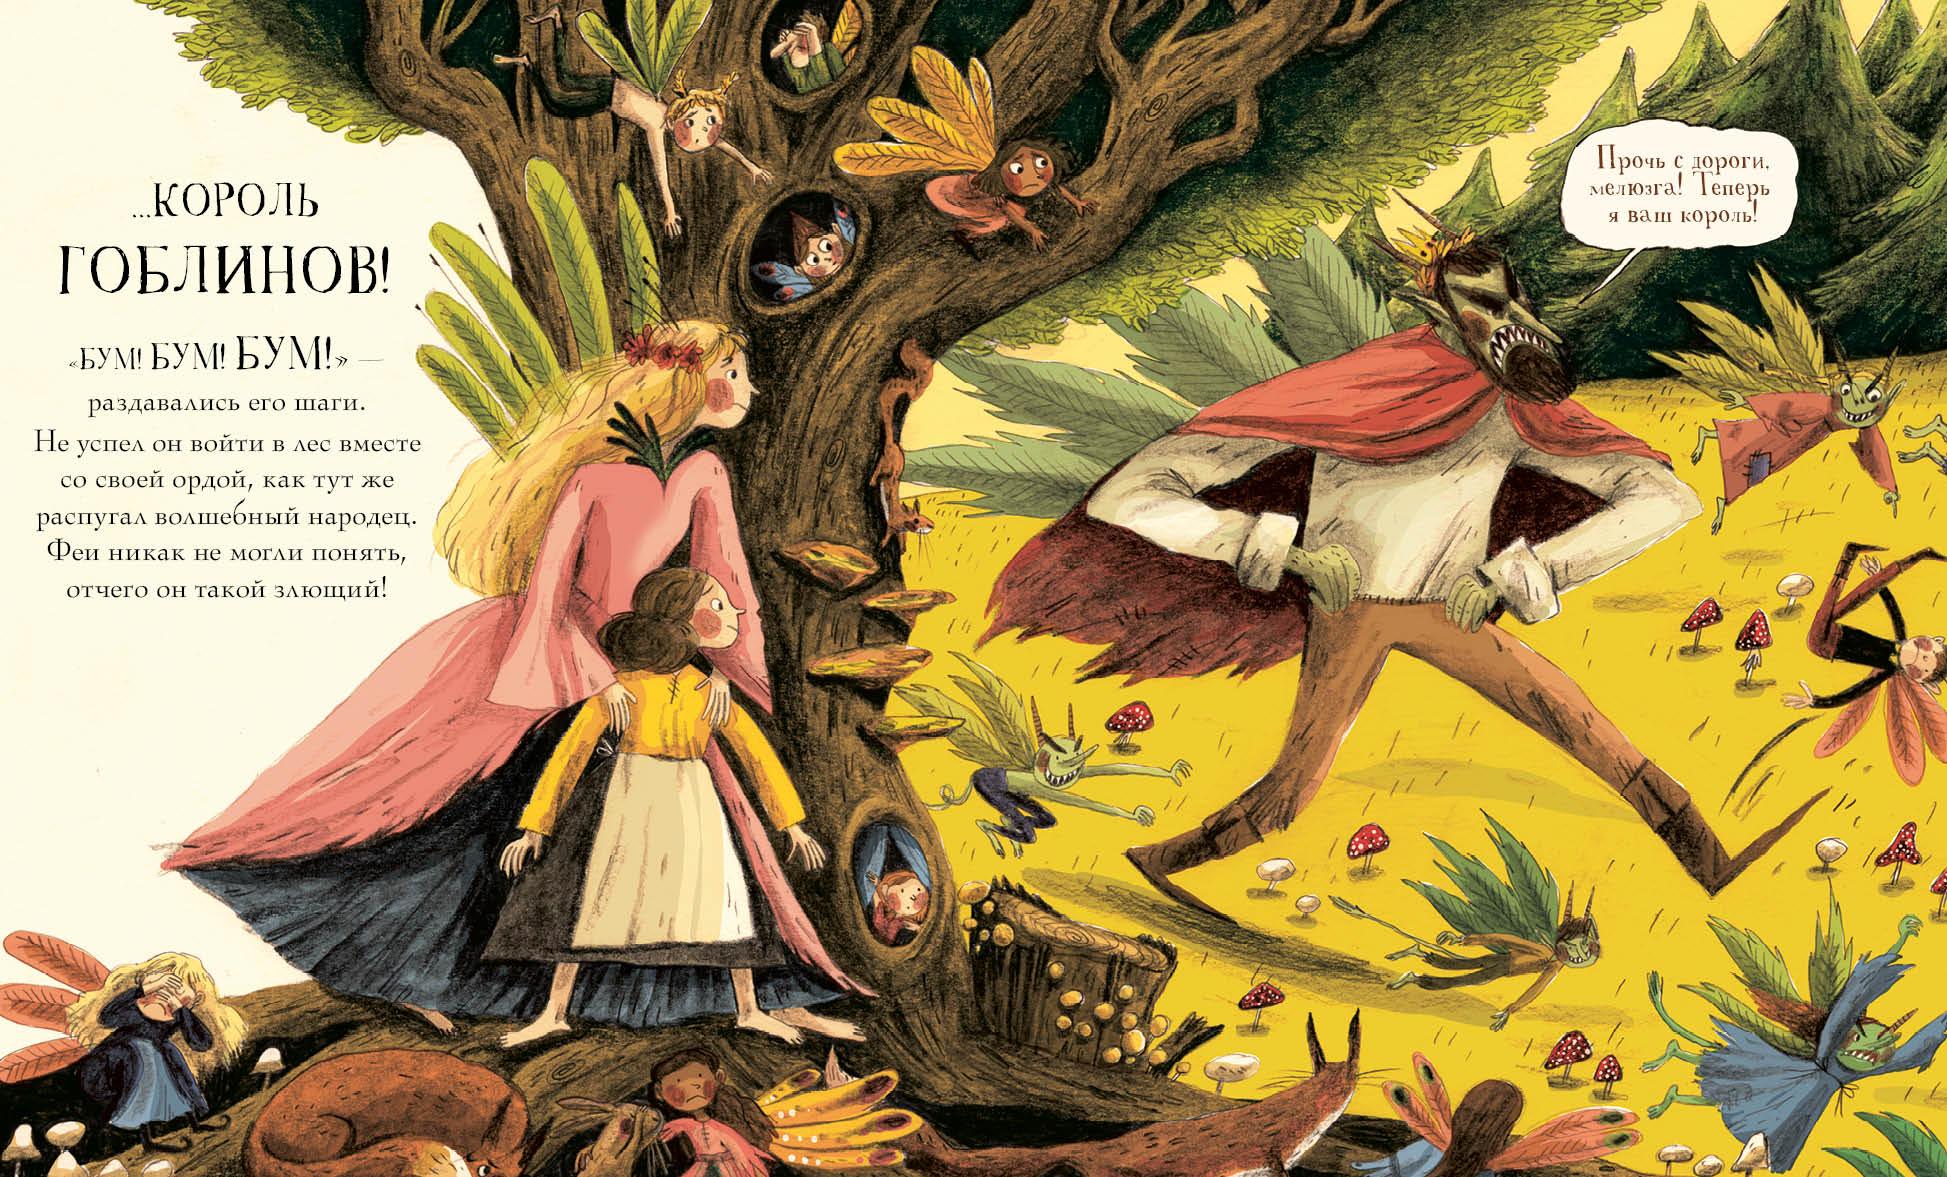 Имельда и король гоблинов